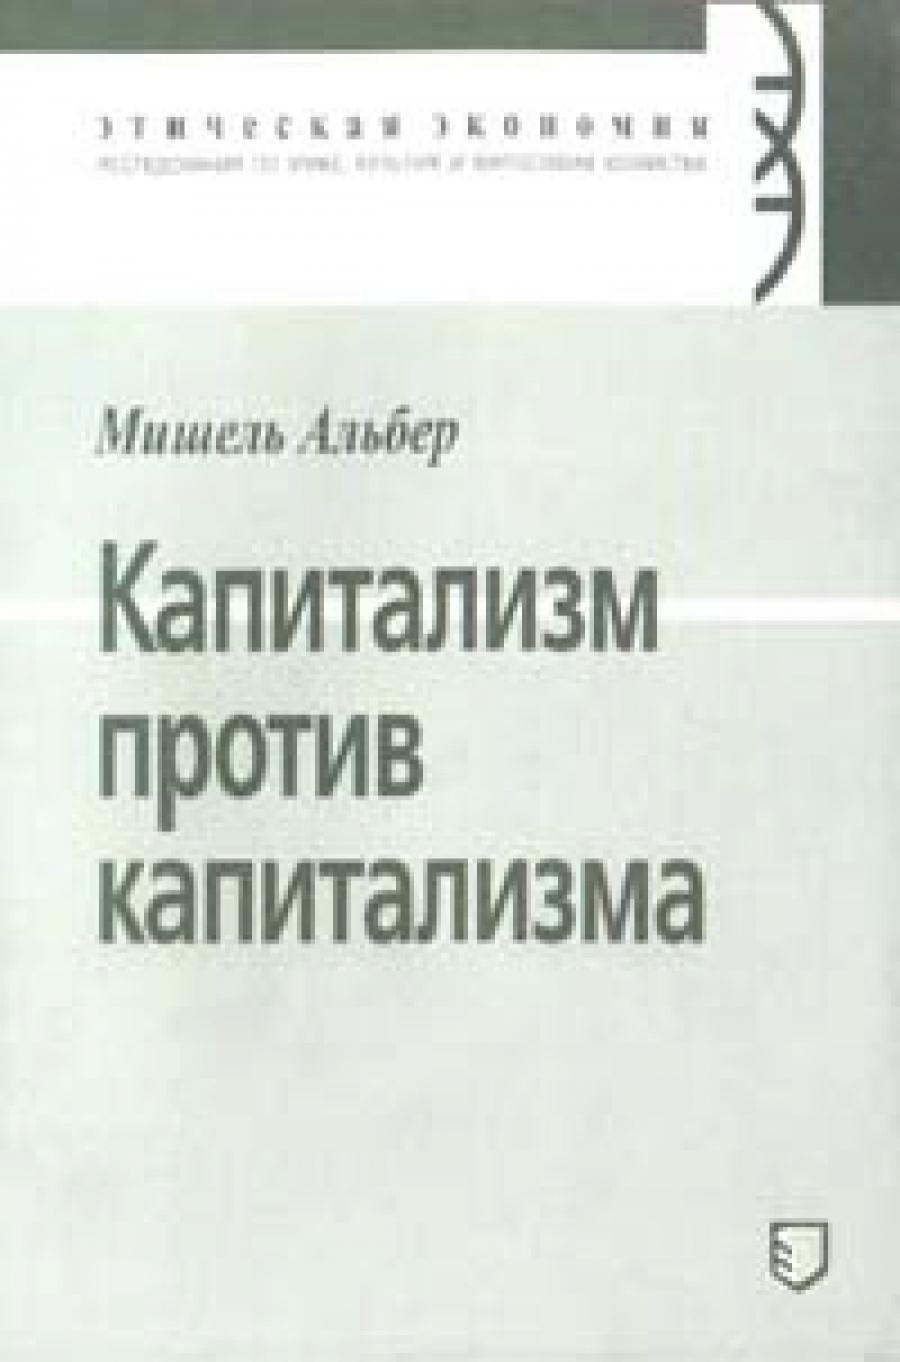 Обложка книги:  альбер м. - капитализм против капитализма